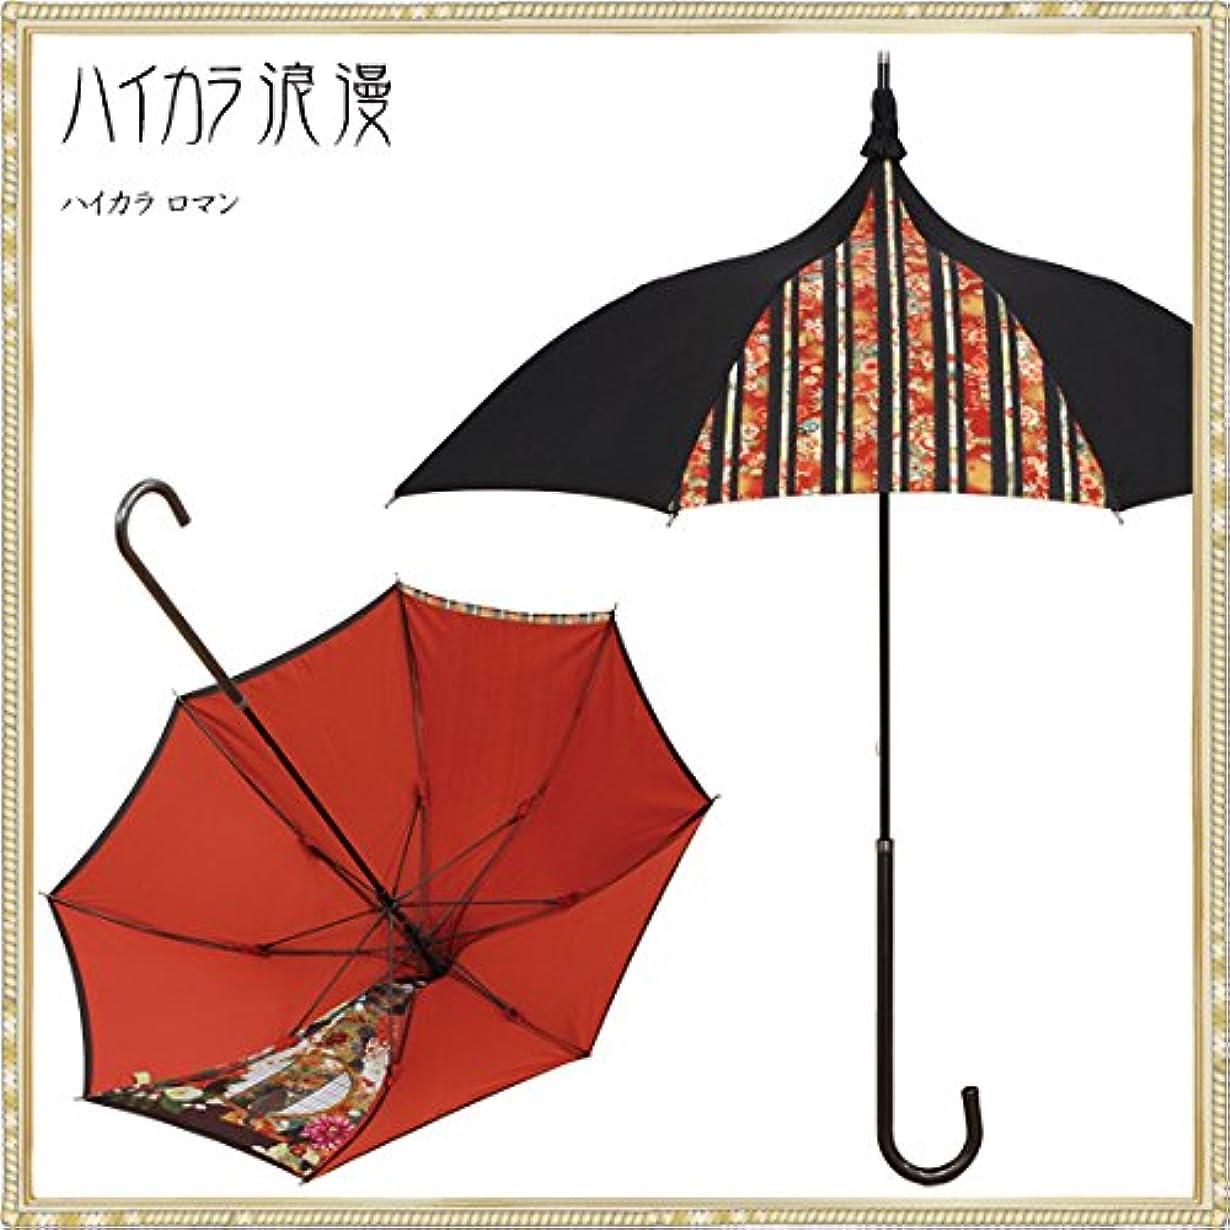 北東なめるジャーナリストハイカラ浪漫/傘 パゴダ傘 レディース UVカット 晴雨兼用